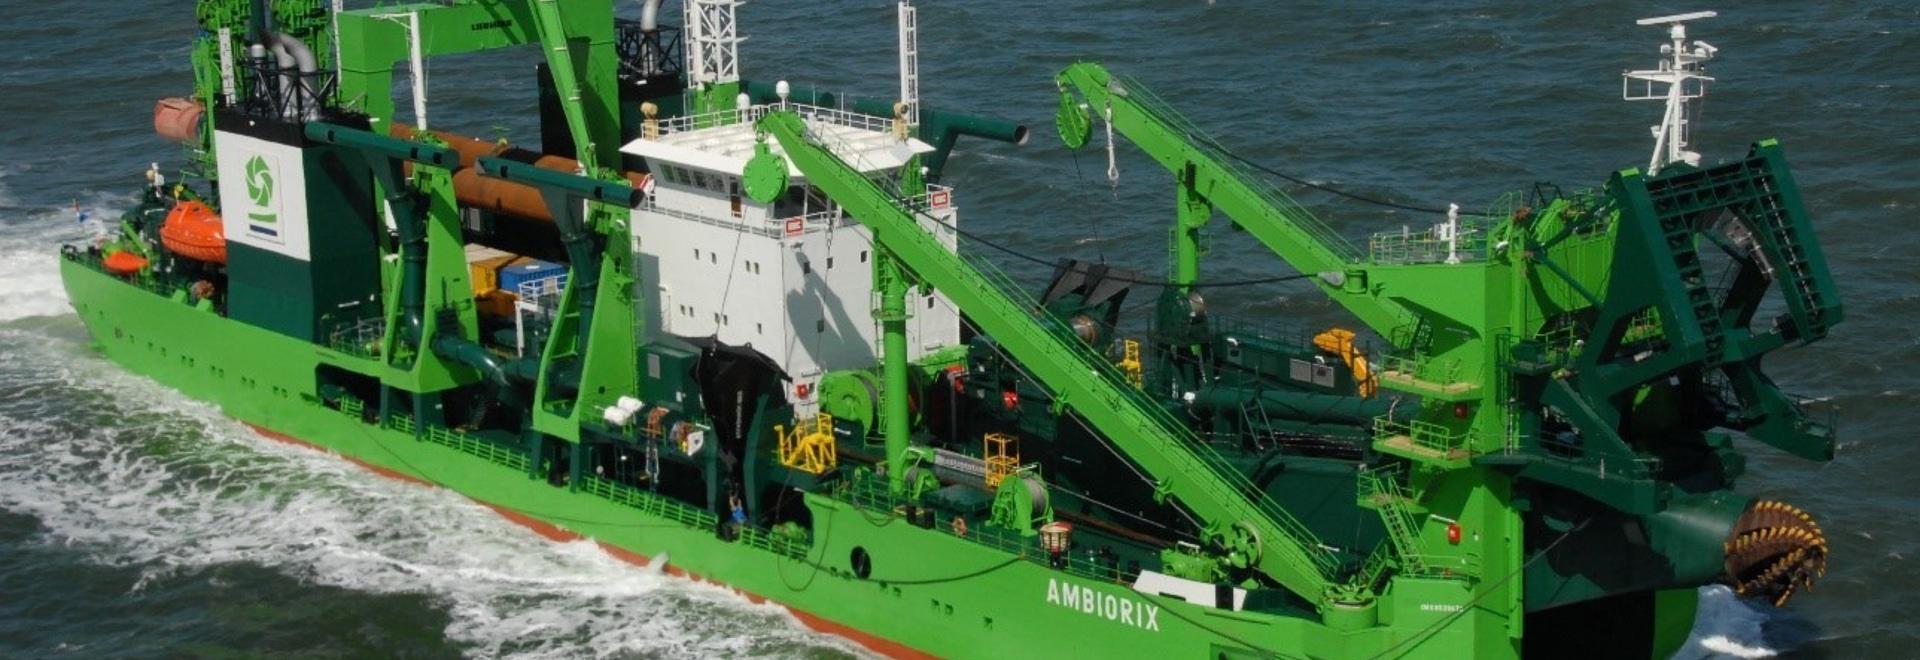 La draga resistente Ambiorix del cortador de la roca emprenderá los trabajos en Louis Harbour portuario